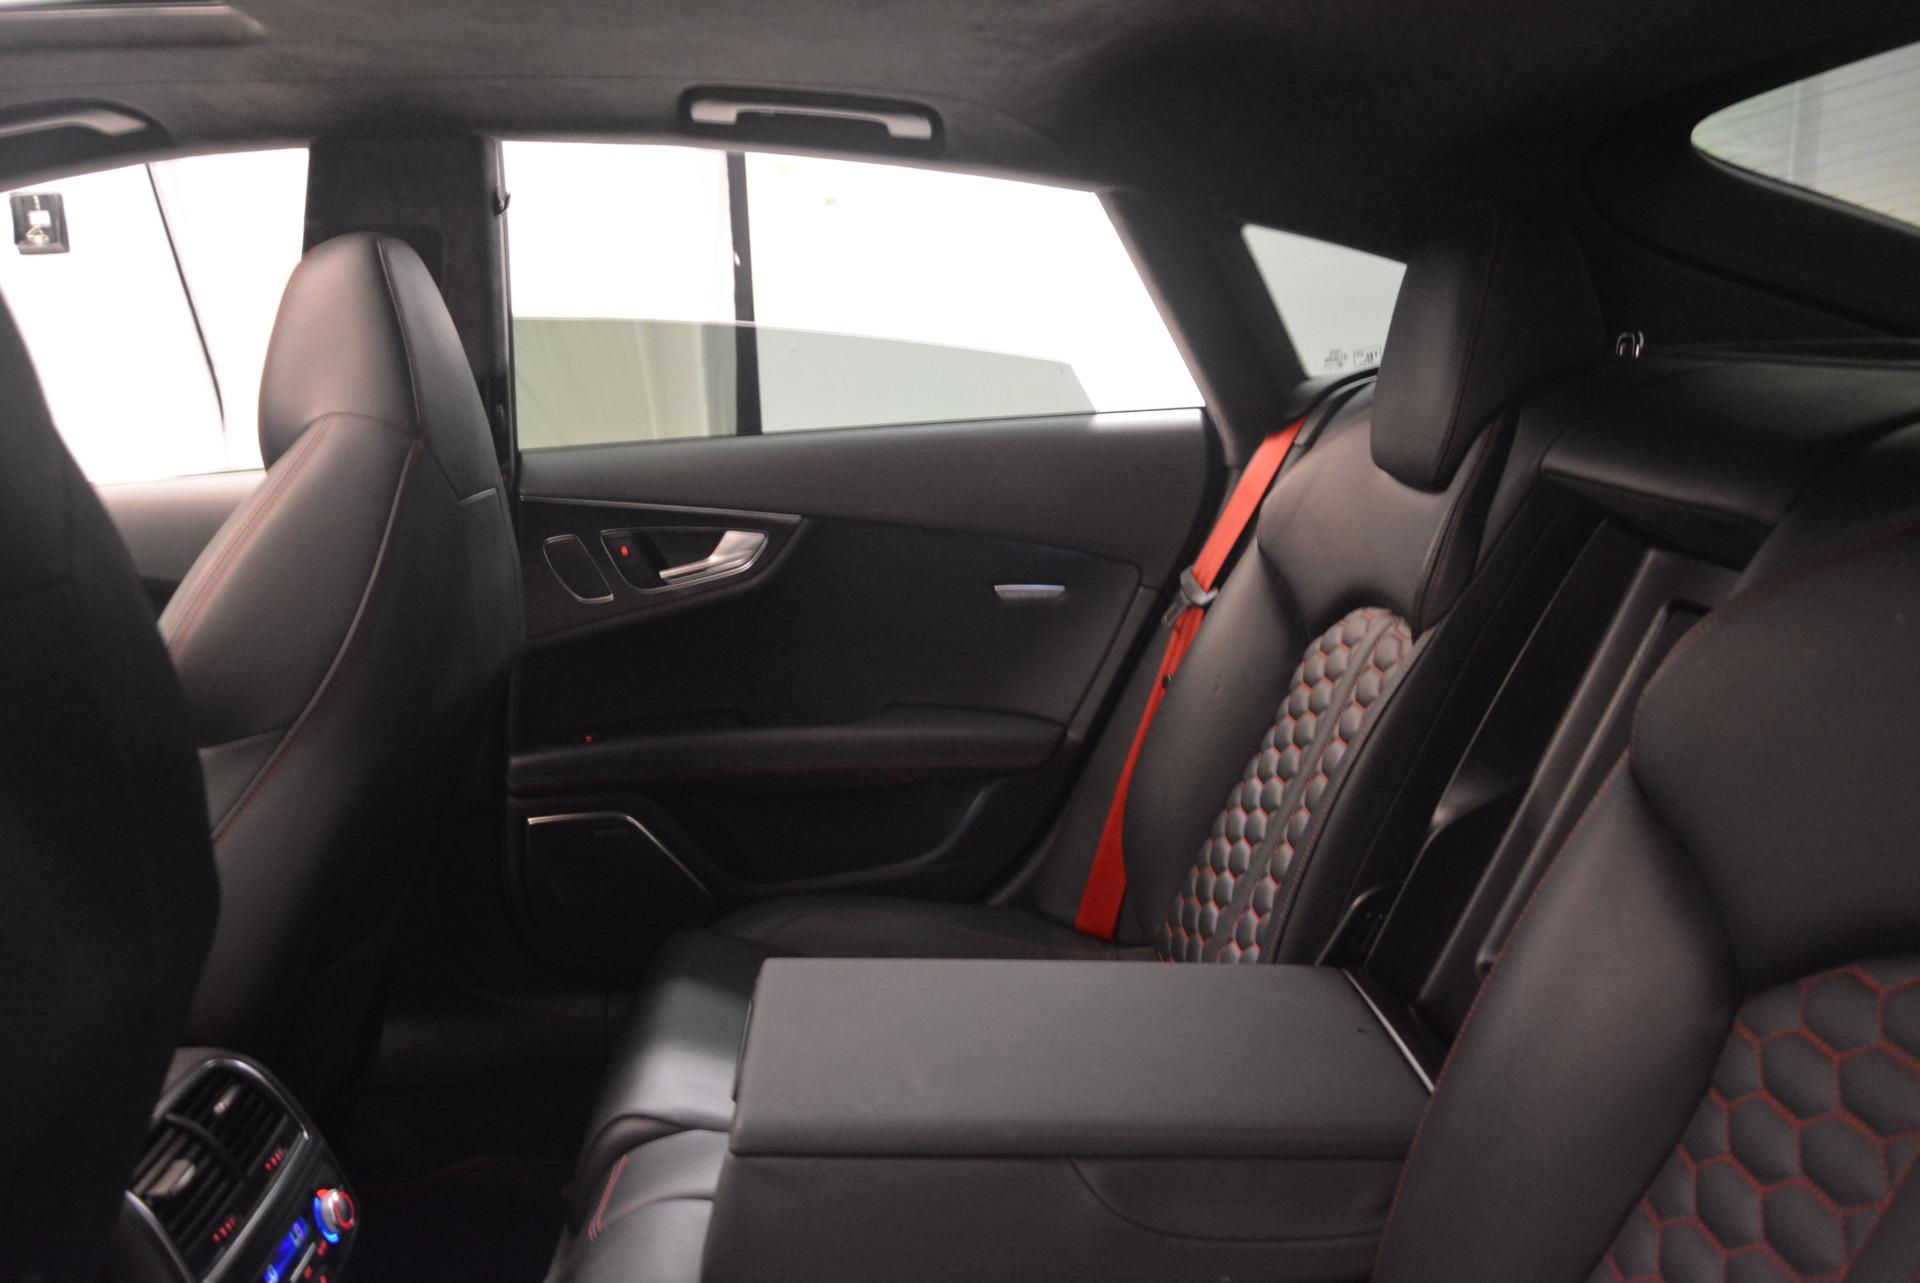 Used 2014 Audi RS 7 4.0T quattro Prestige For Sale In Greenwich, CT 1262_p36